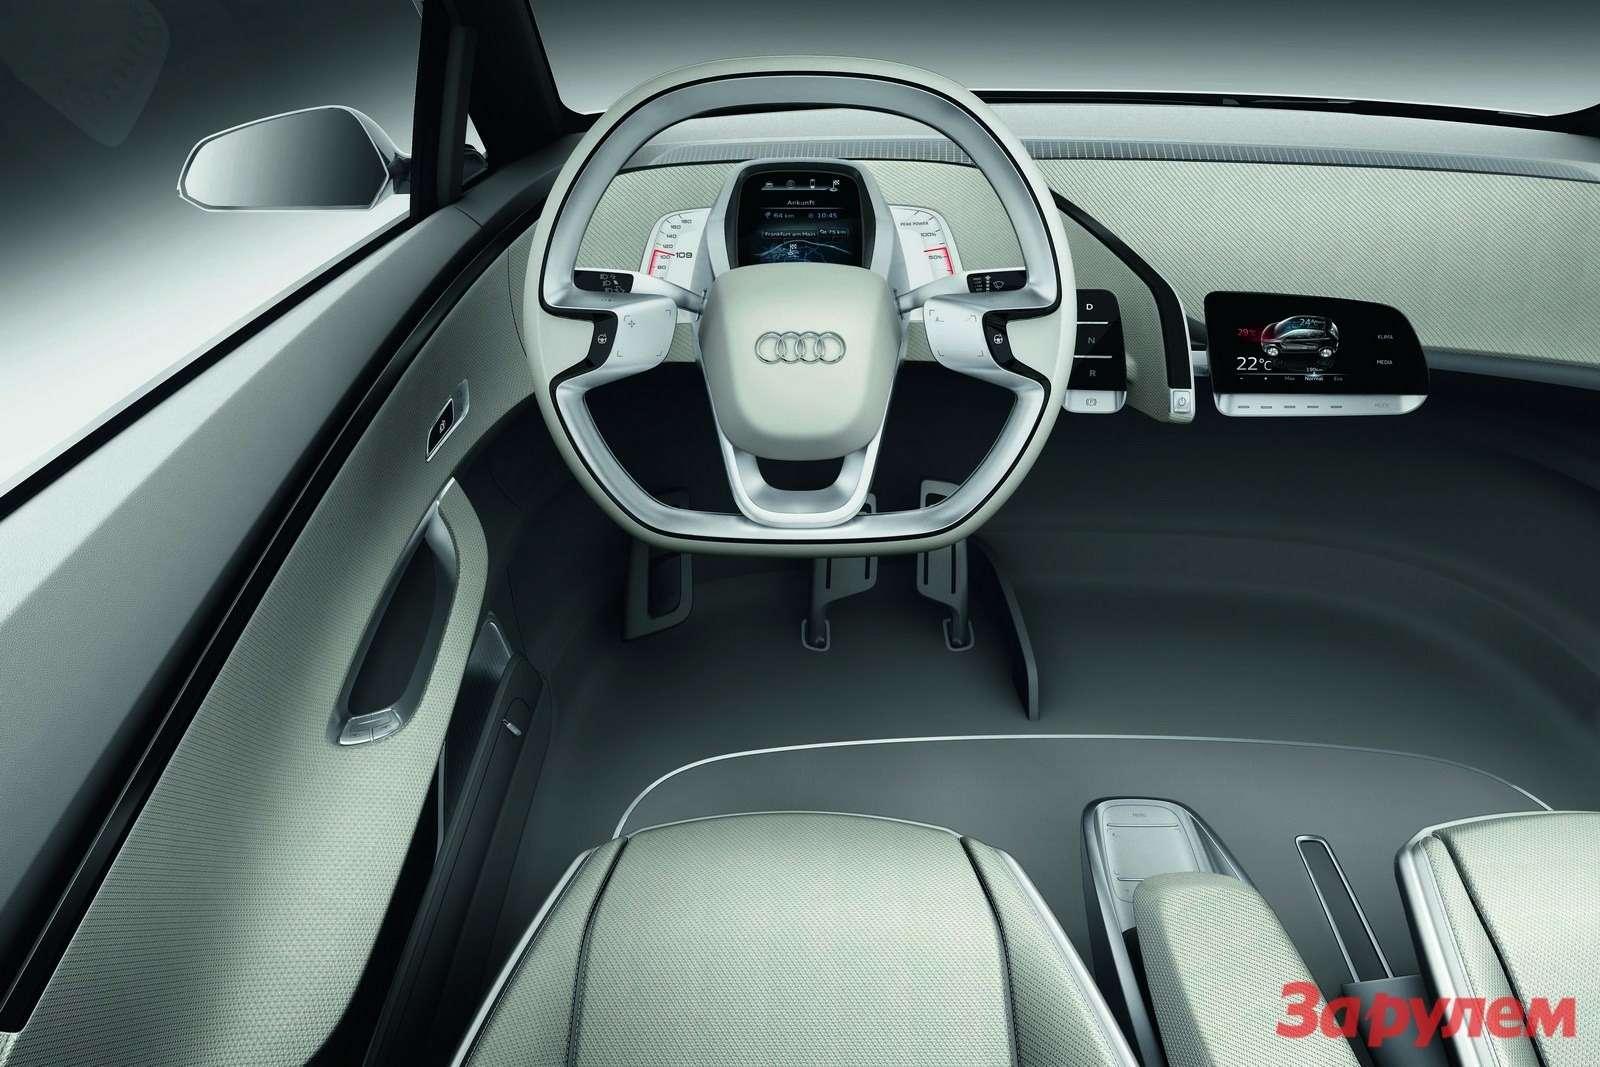 Audi_A2-Concept-12